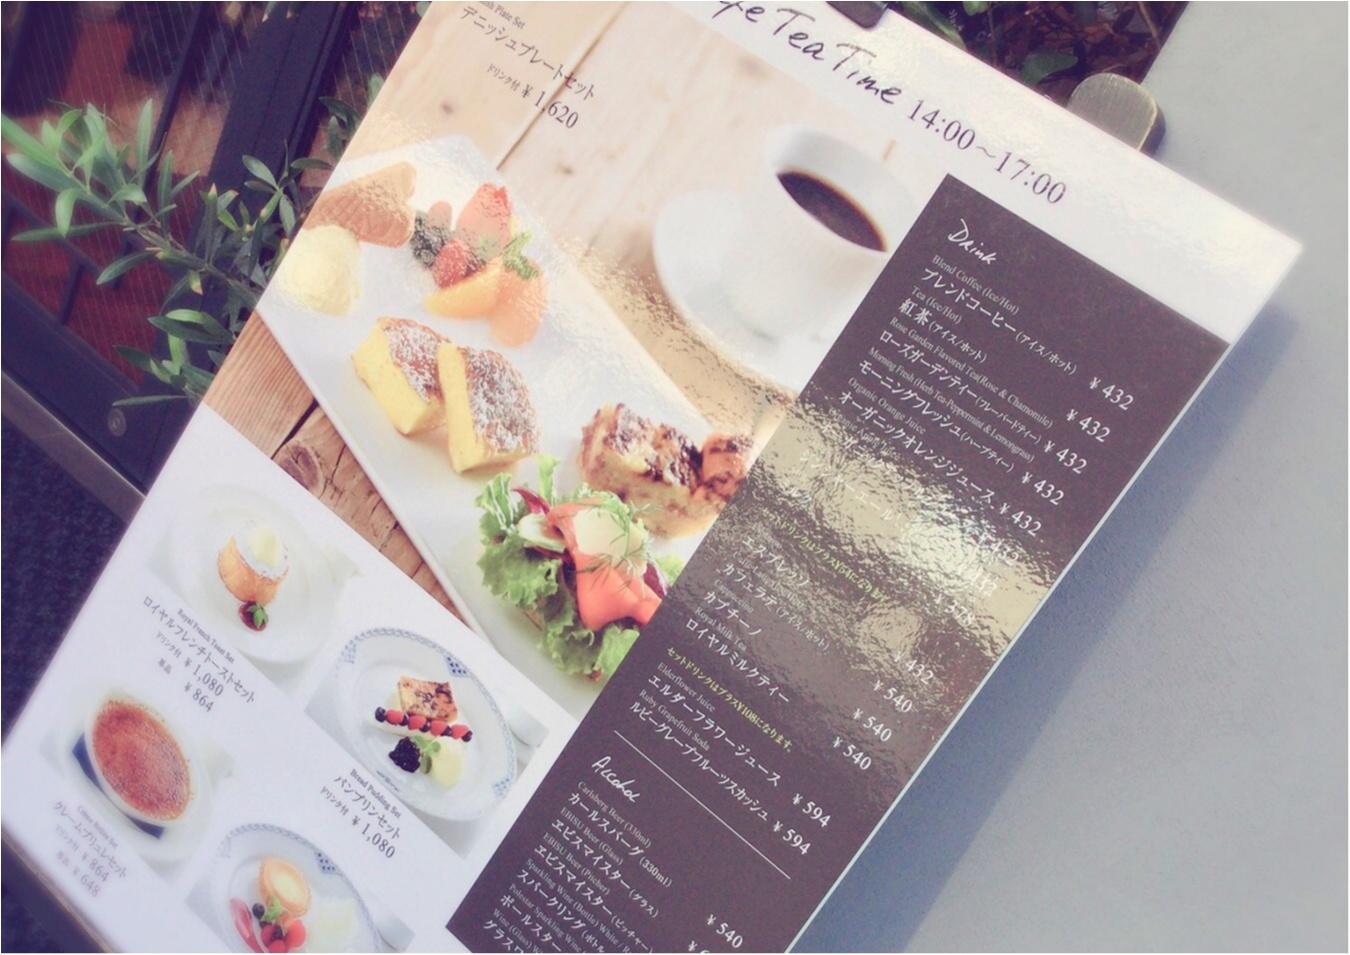 【ご当地カフェ】ここでしか食べられない!広島で知らない人はいない《アンデルセンカフェ》のおすすめメニュー❤️_2